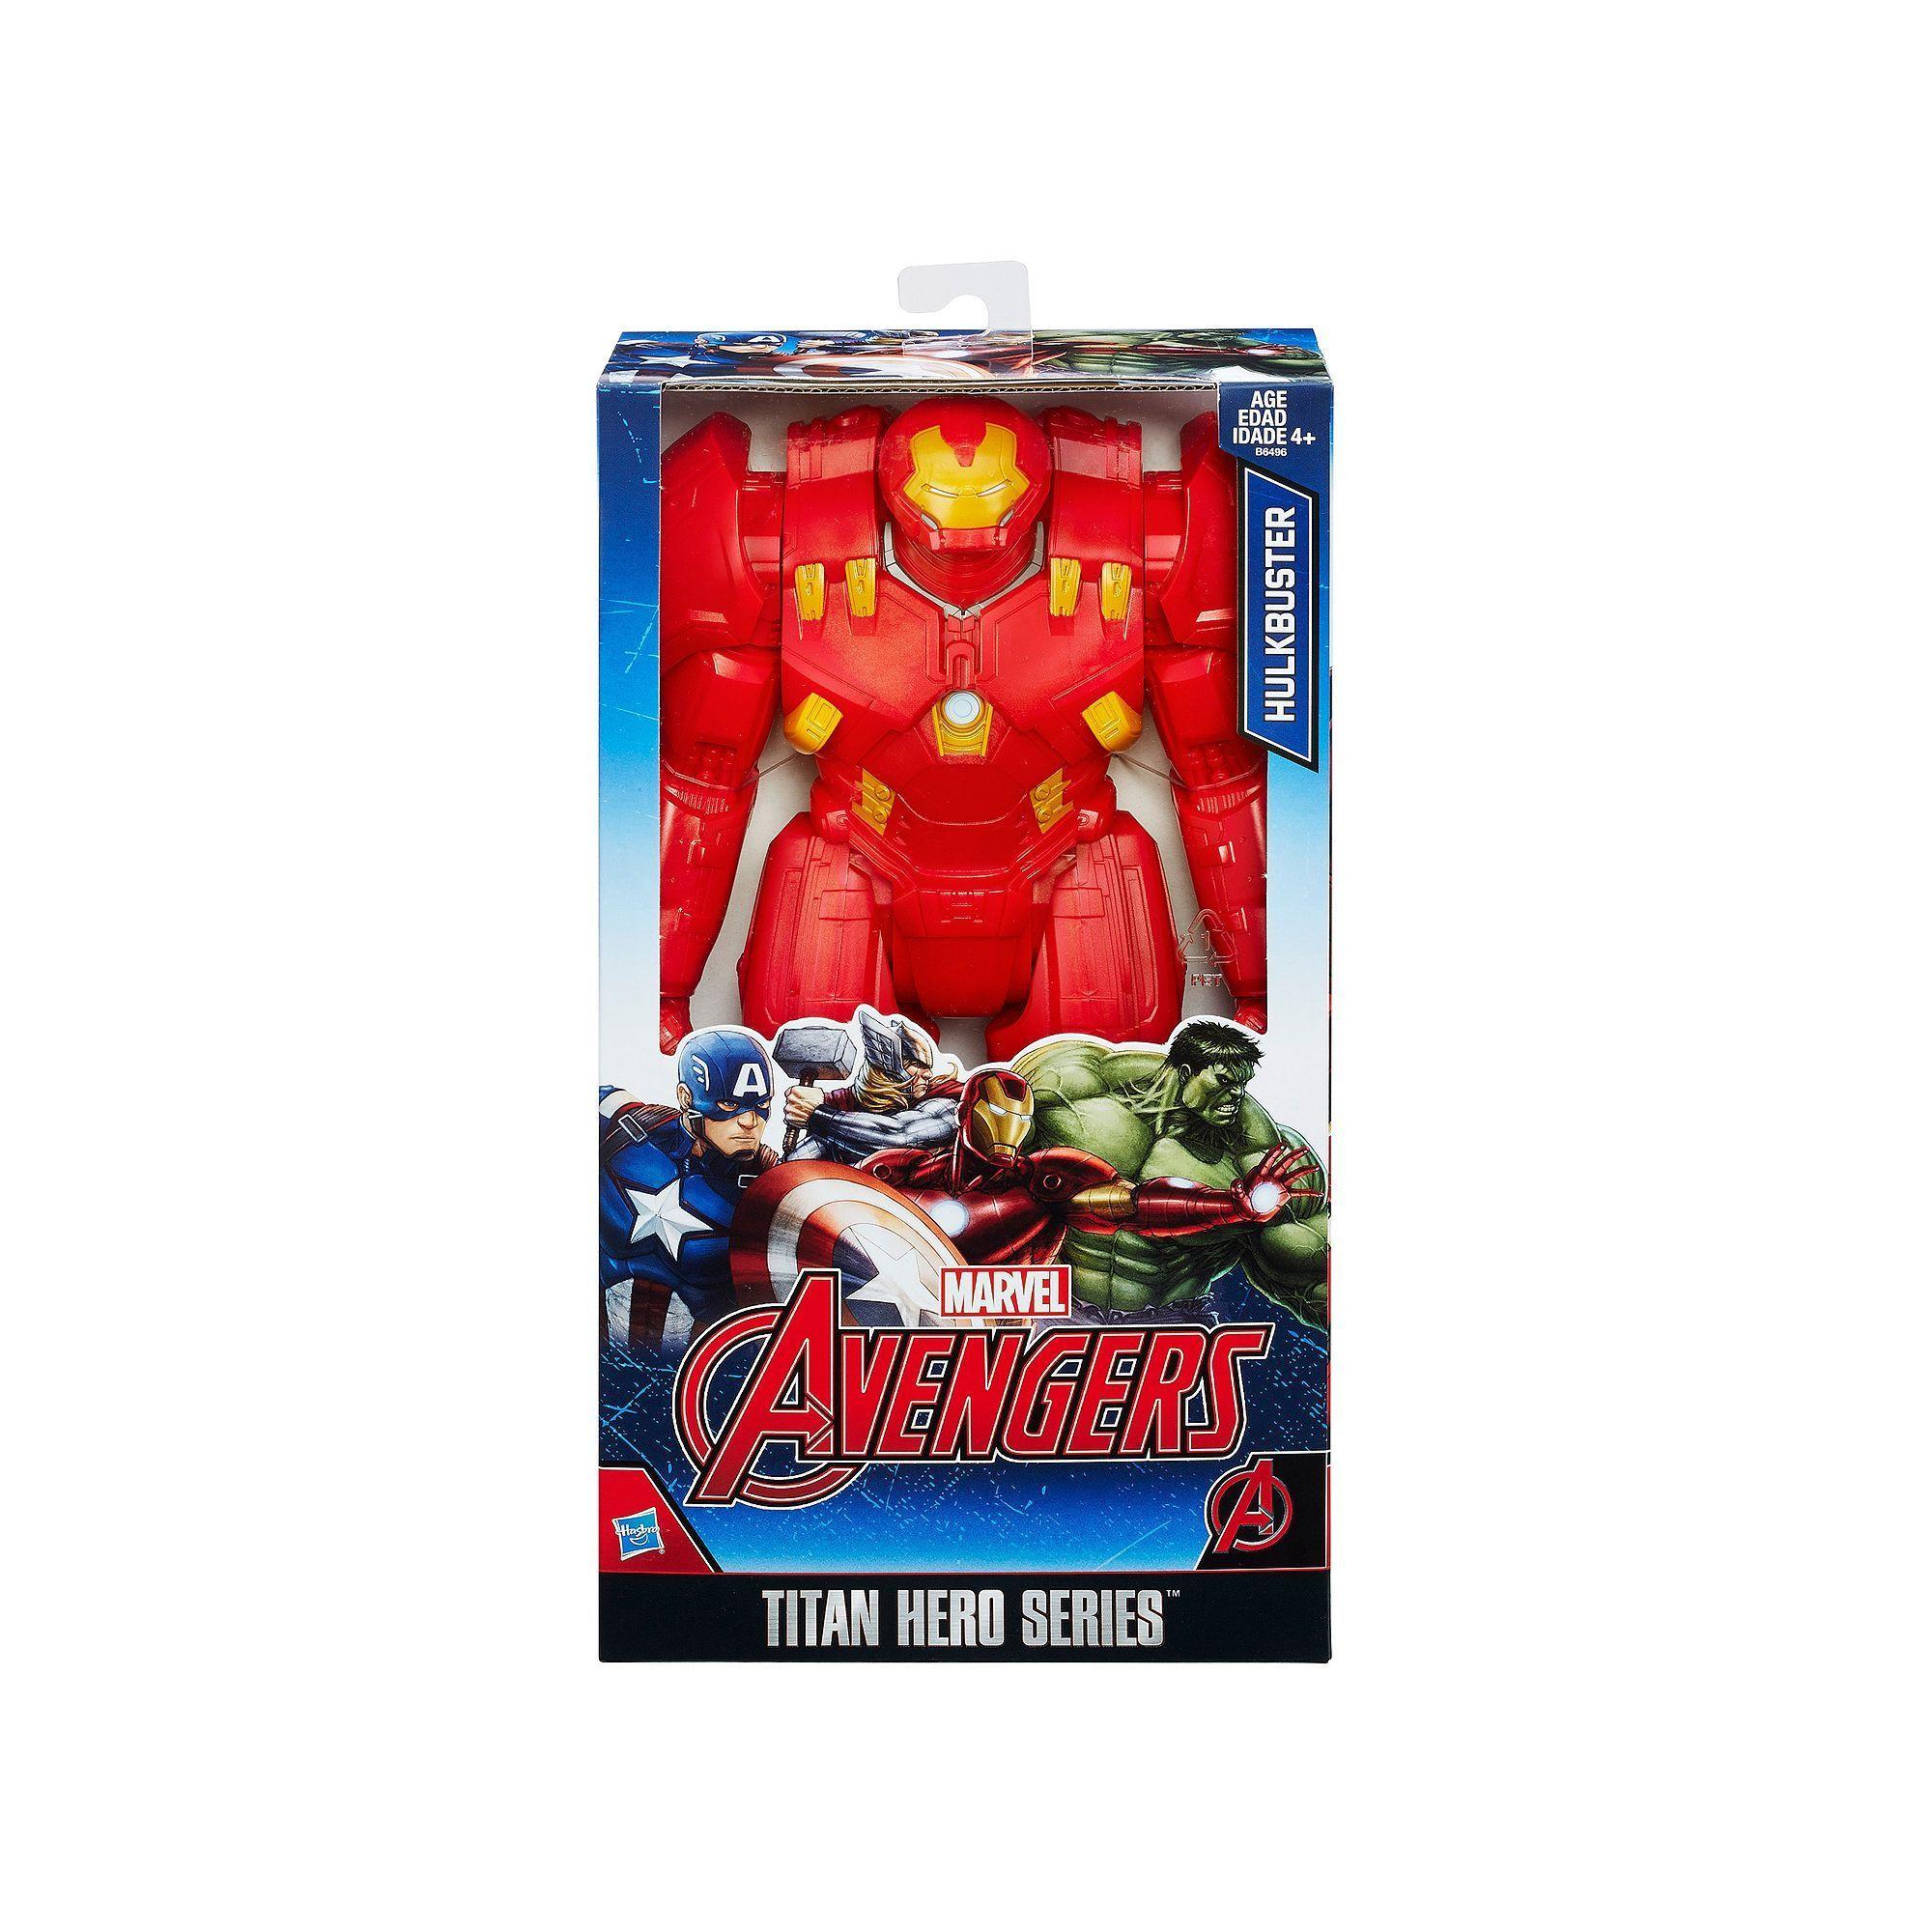 Avengers Infinity War Titan Hero Series Black Panther Thanos Hulk Figure Toys UK